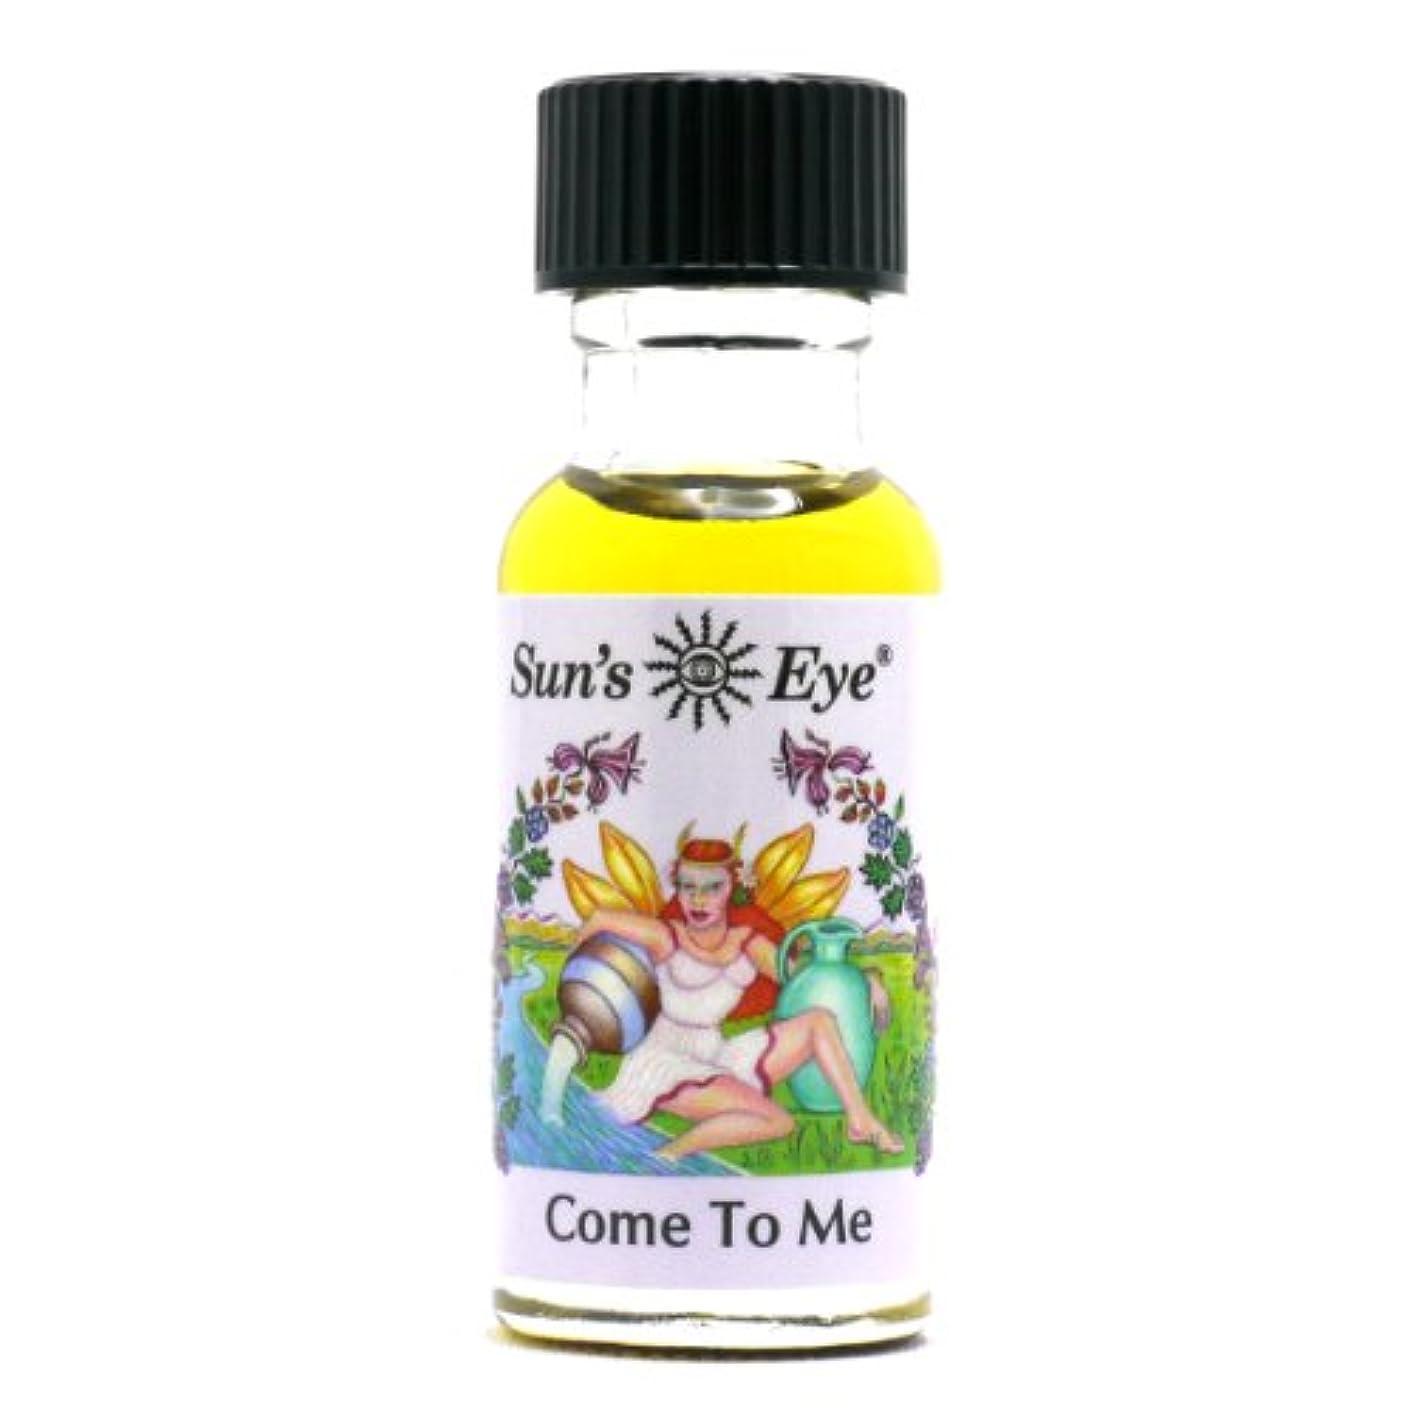 ずるいアニメーションシャーロックホームズ【Sun'sEye サンズアイ】Mystic Blends(ミスティックブレンドオイル)Come to me(カムトゥミー)